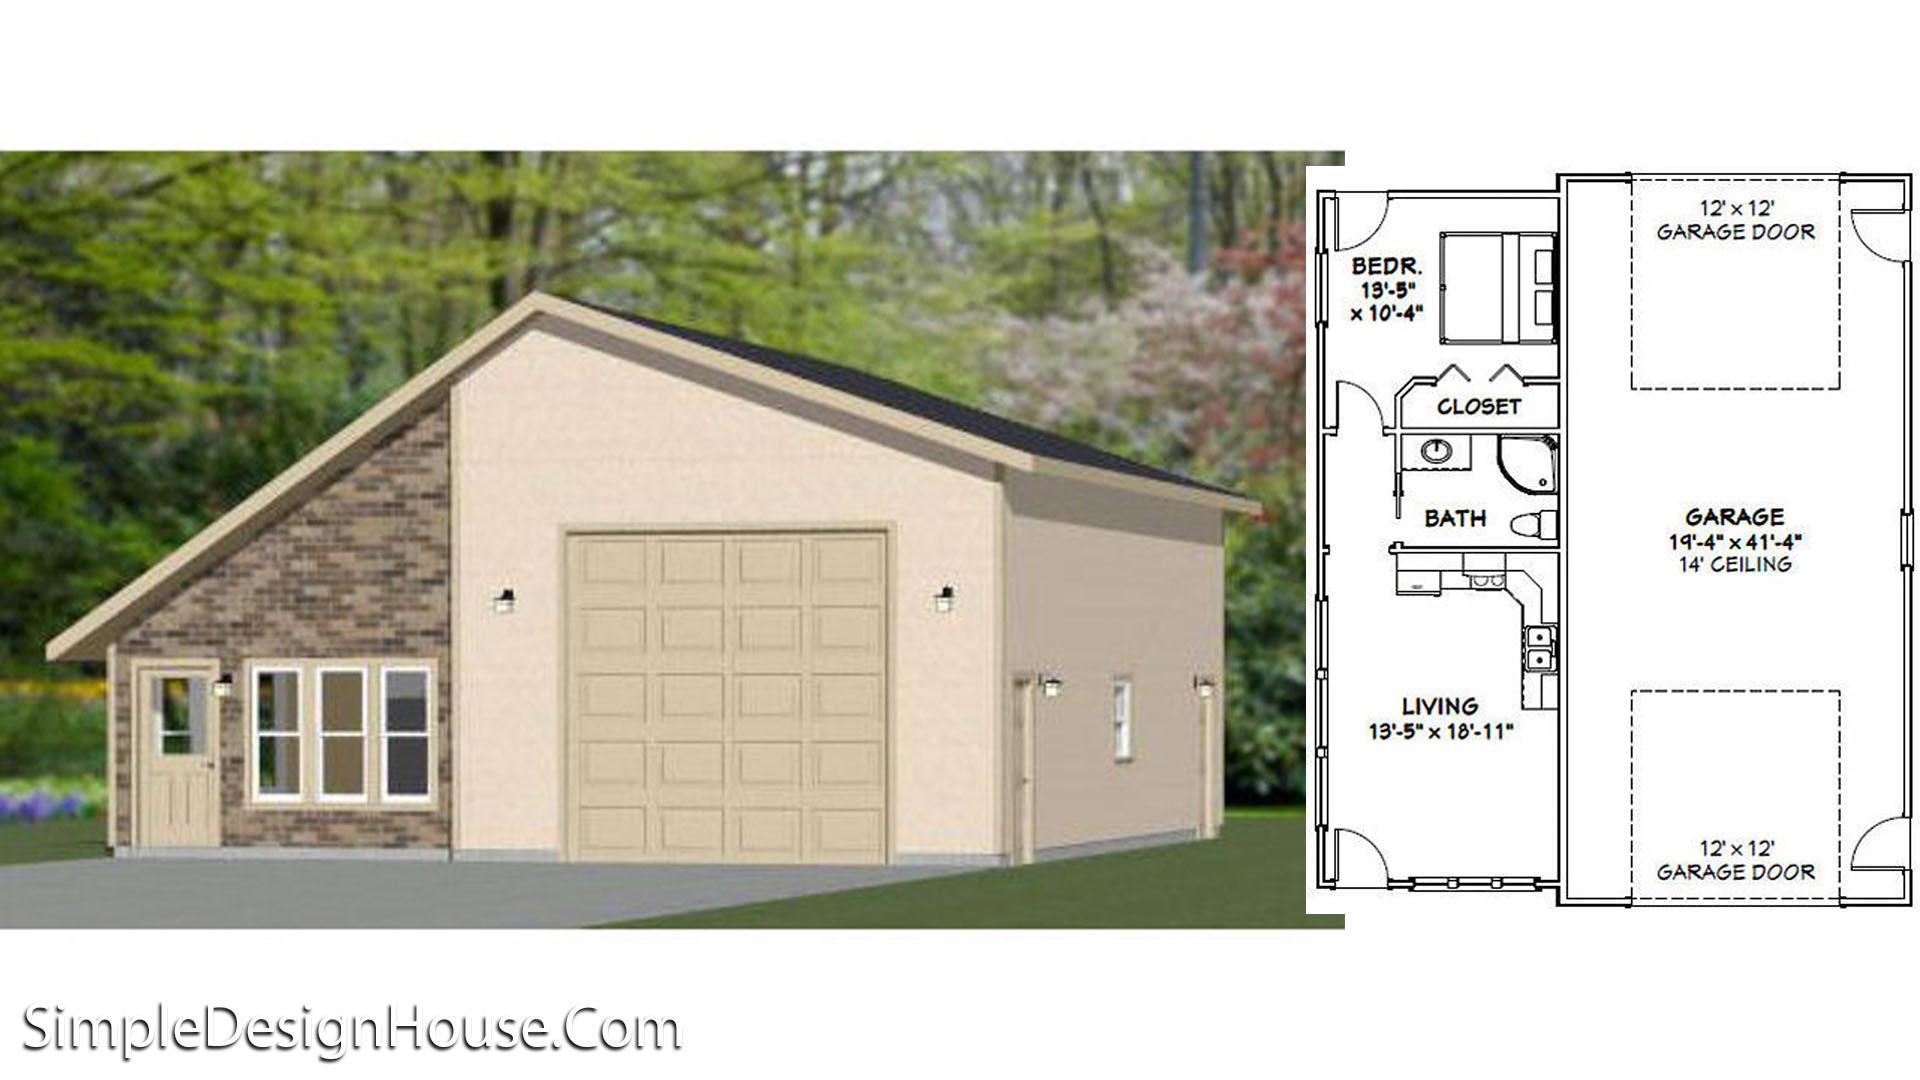 34×42 1 Garage 1 Bedroom 1,400 sq ft PDF Floor Plan